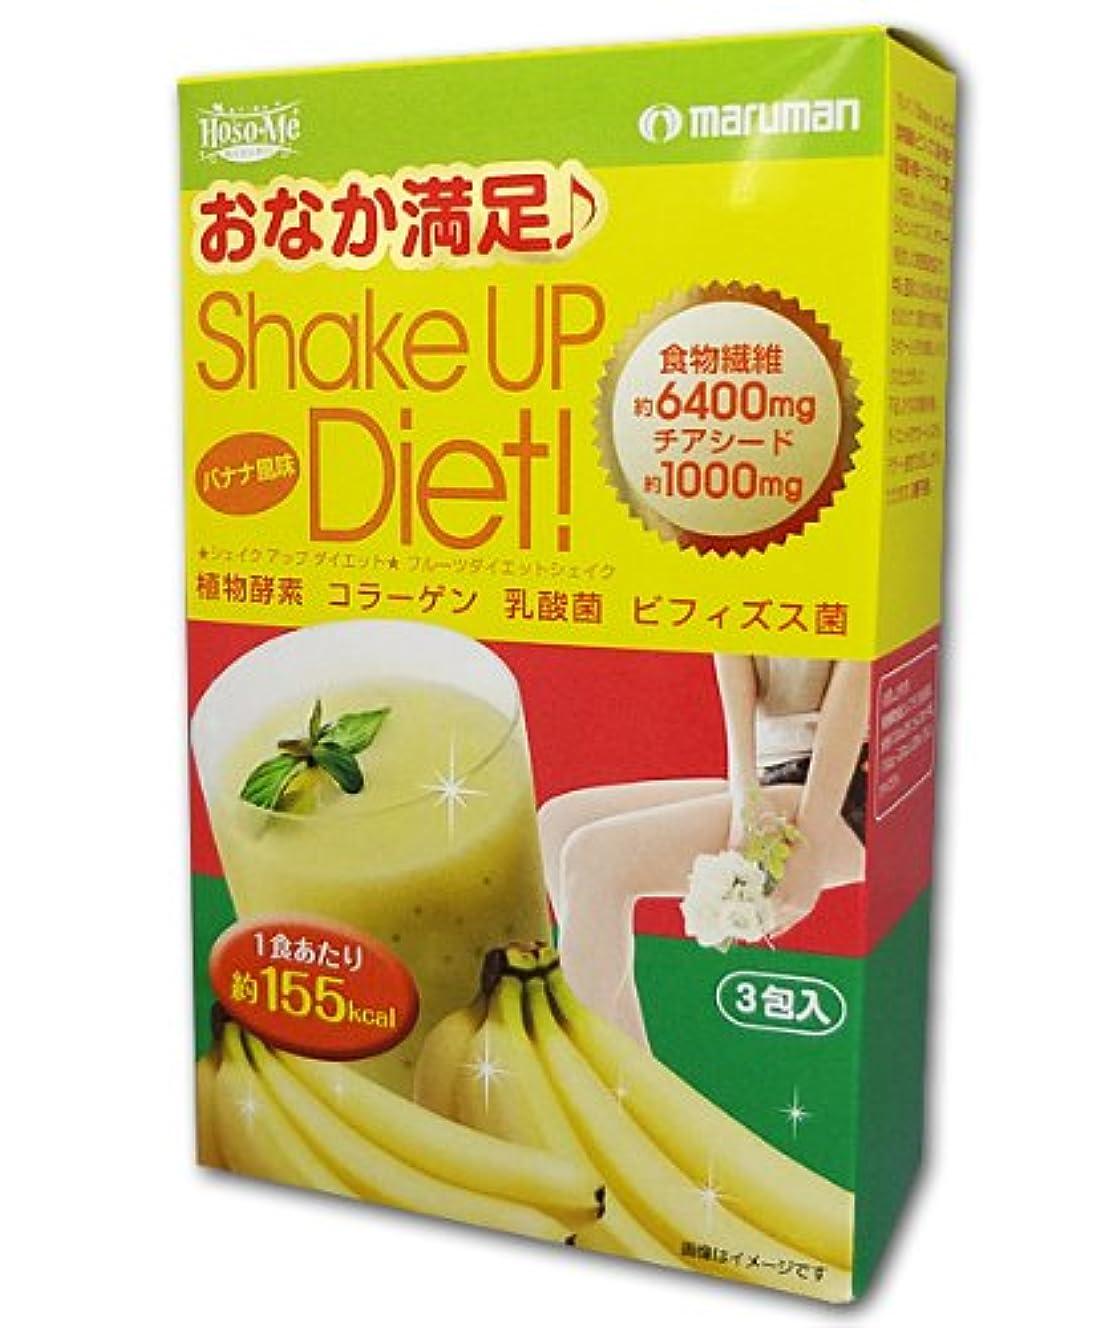 クラシカル阻害する自分の力ですべてをするマルマン シェイクアップダイエット バナナ風味 3包入